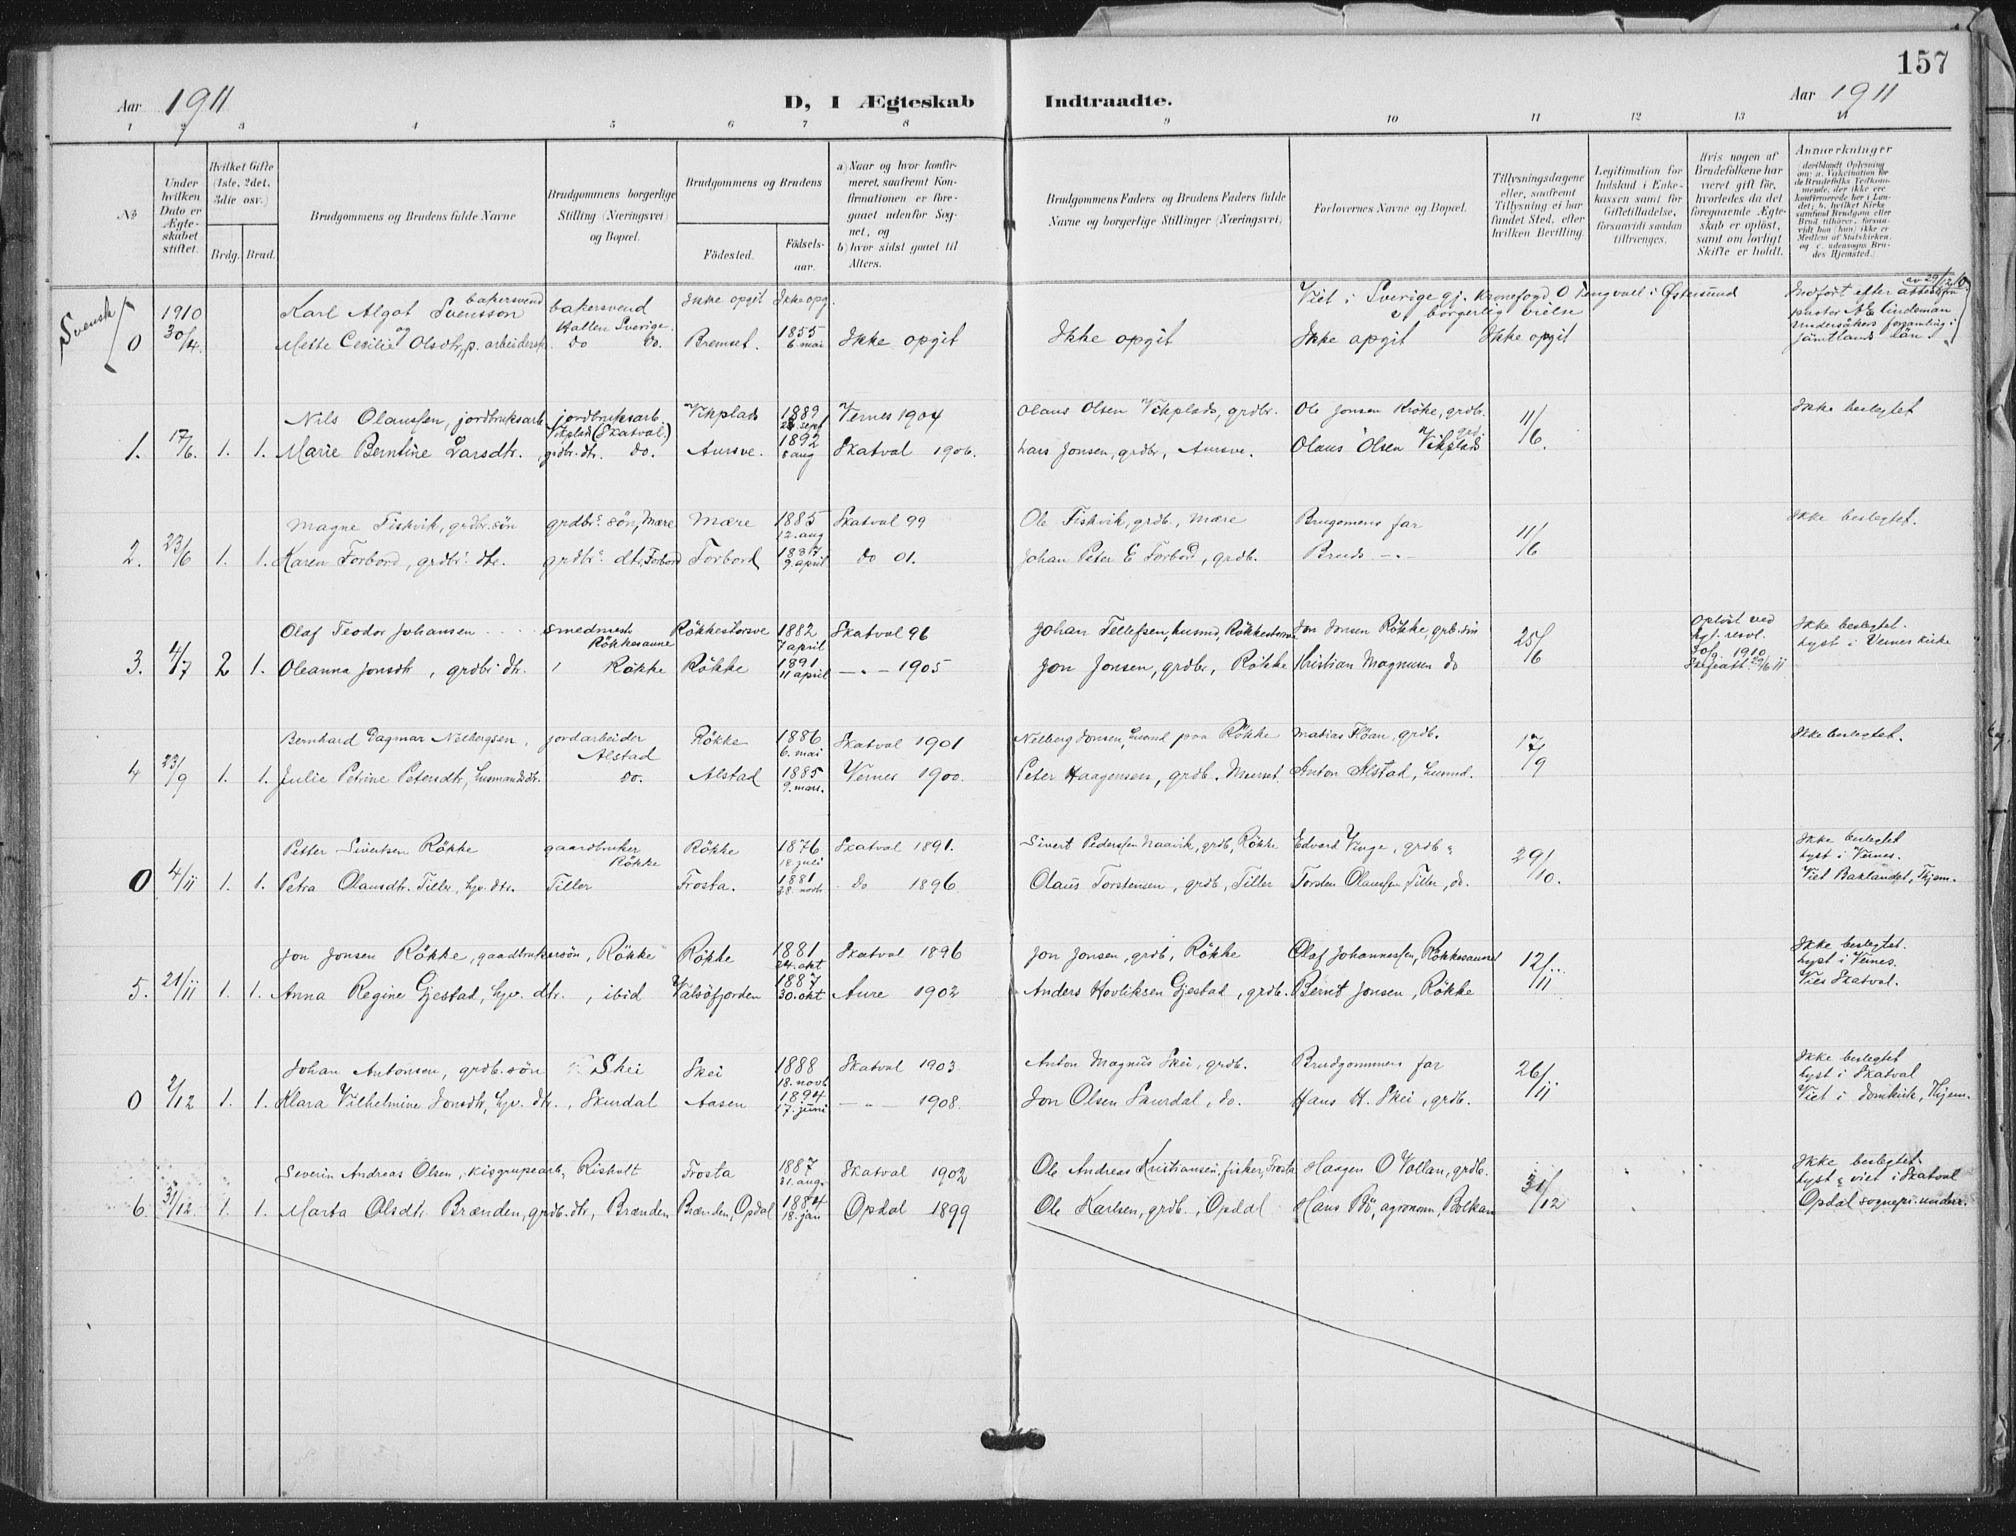 SAT, Ministerialprotokoller, klokkerbøker og fødselsregistre - Nord-Trøndelag, 712/L0101: Ministerialbok nr. 712A02, 1901-1916, s. 157